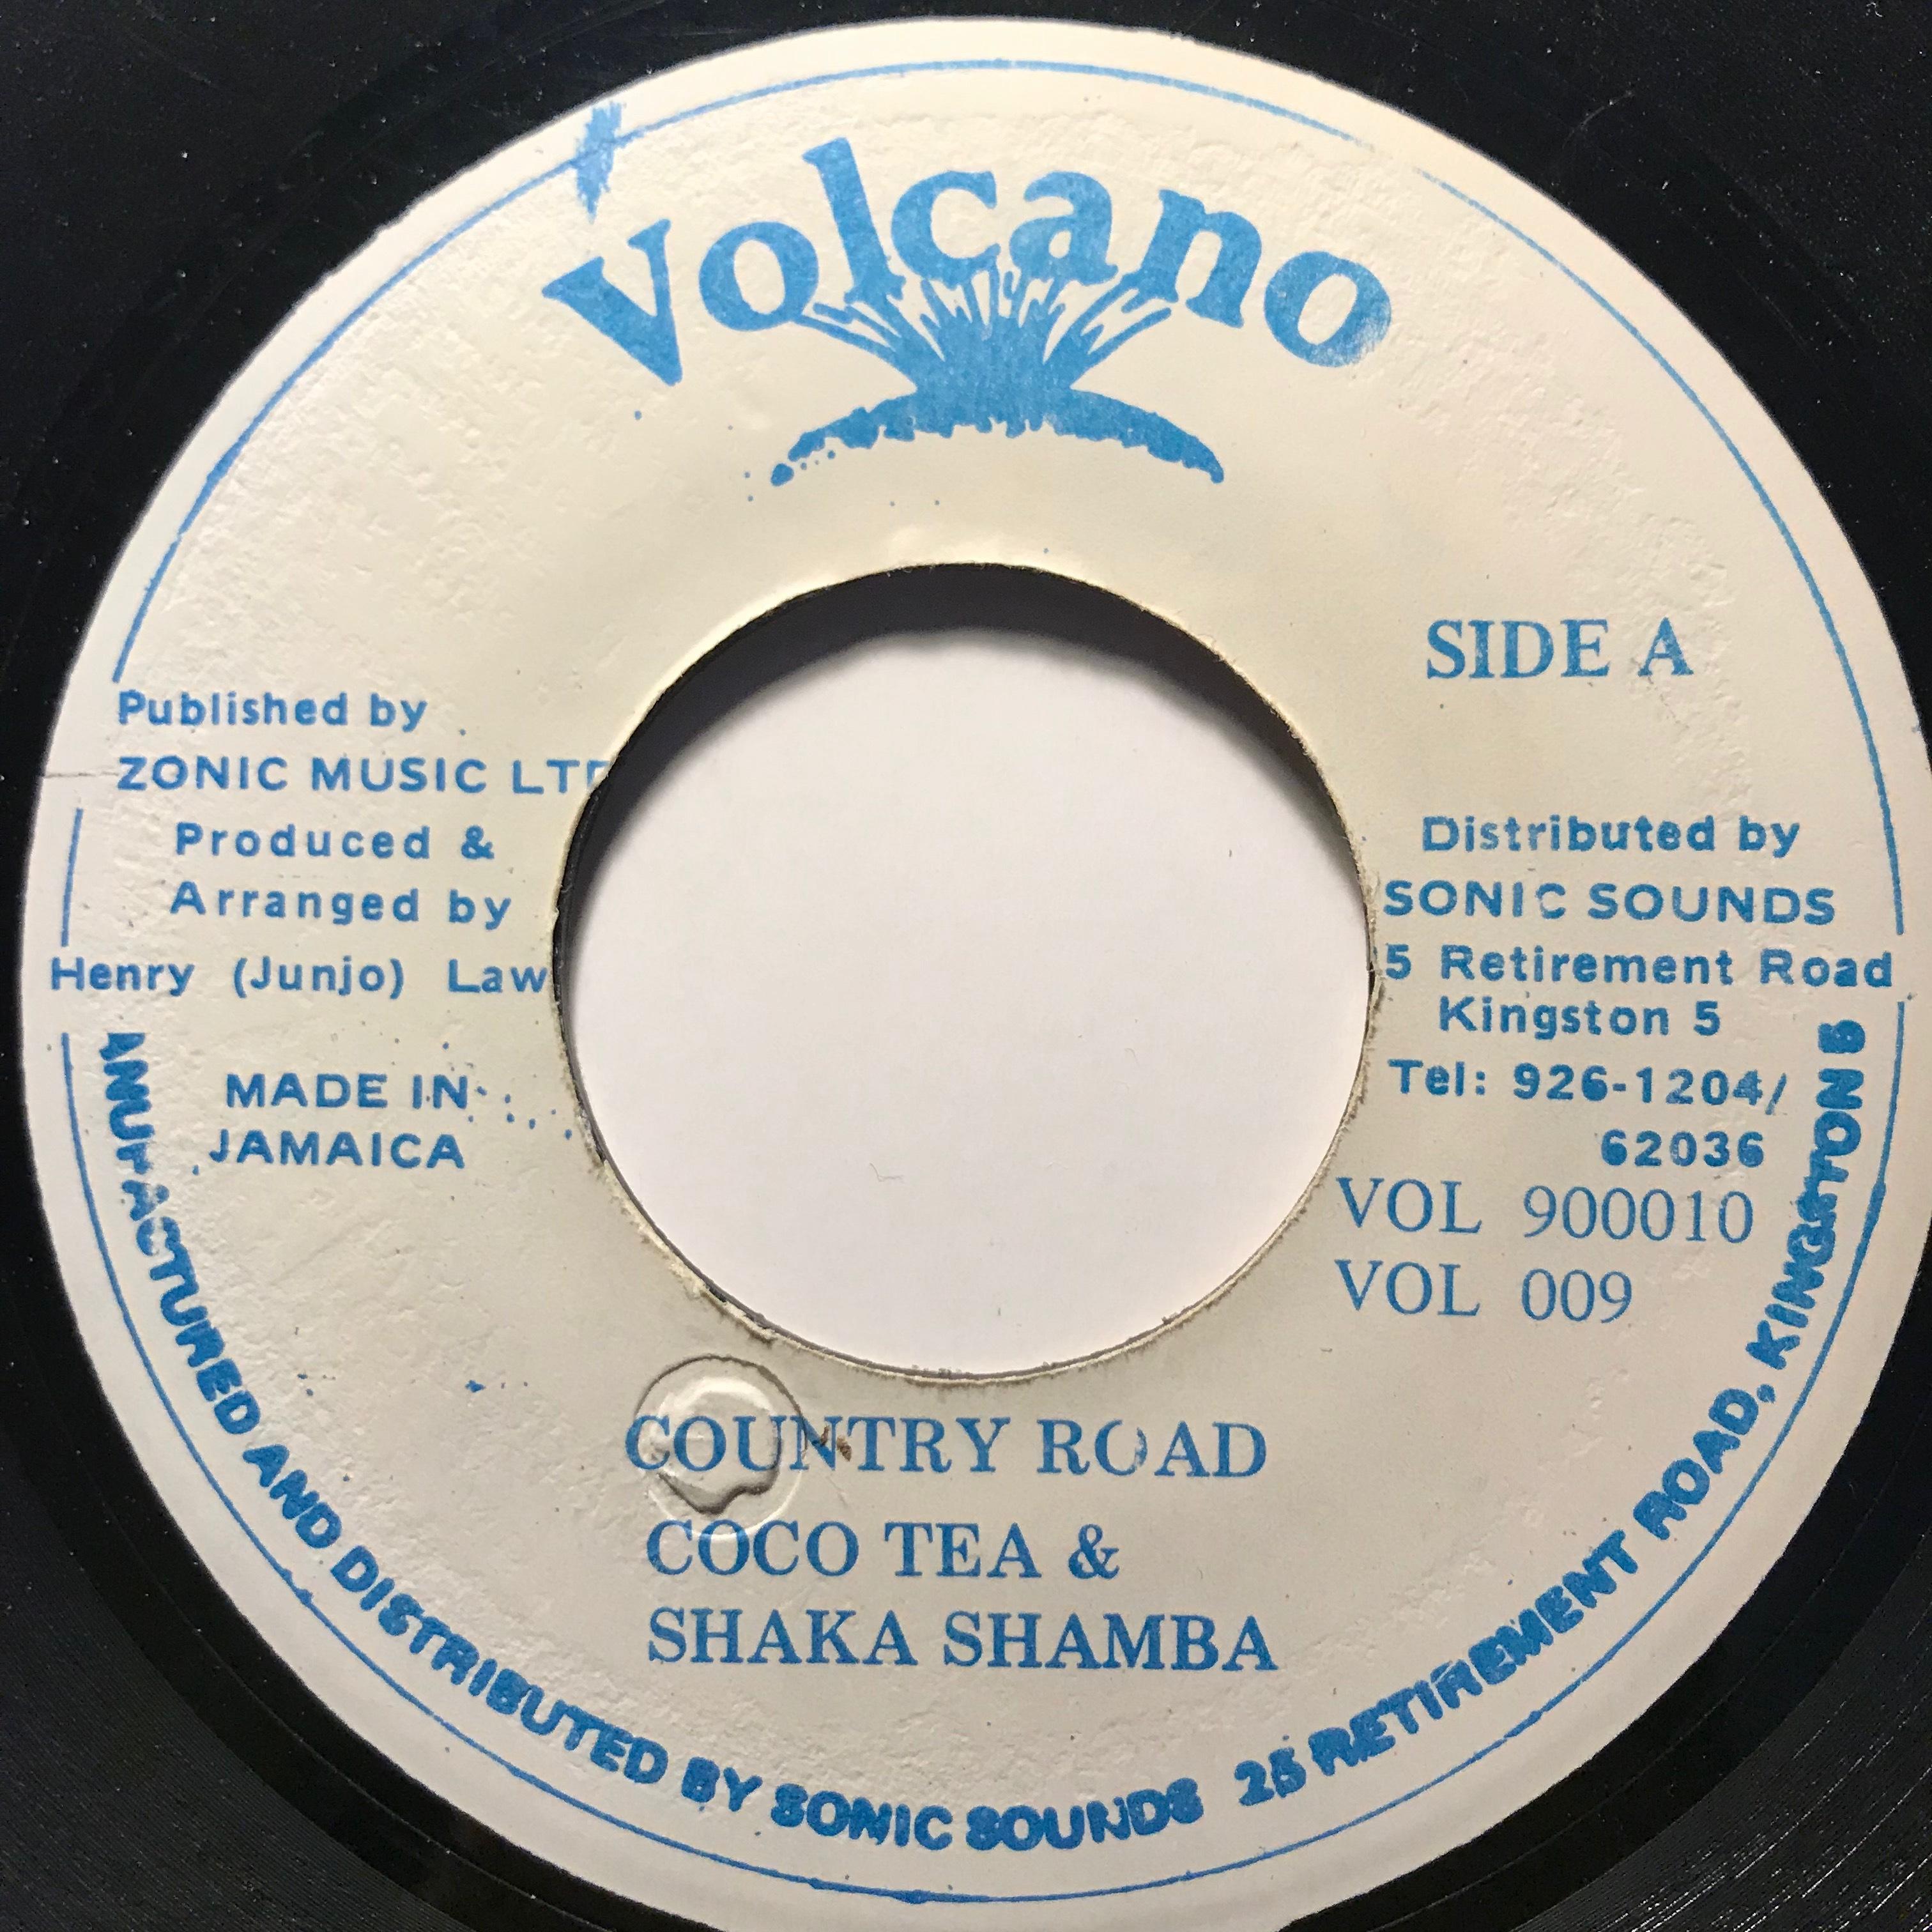 Cocoa Tea & Shaka Shamba - Country Road【7-10796】